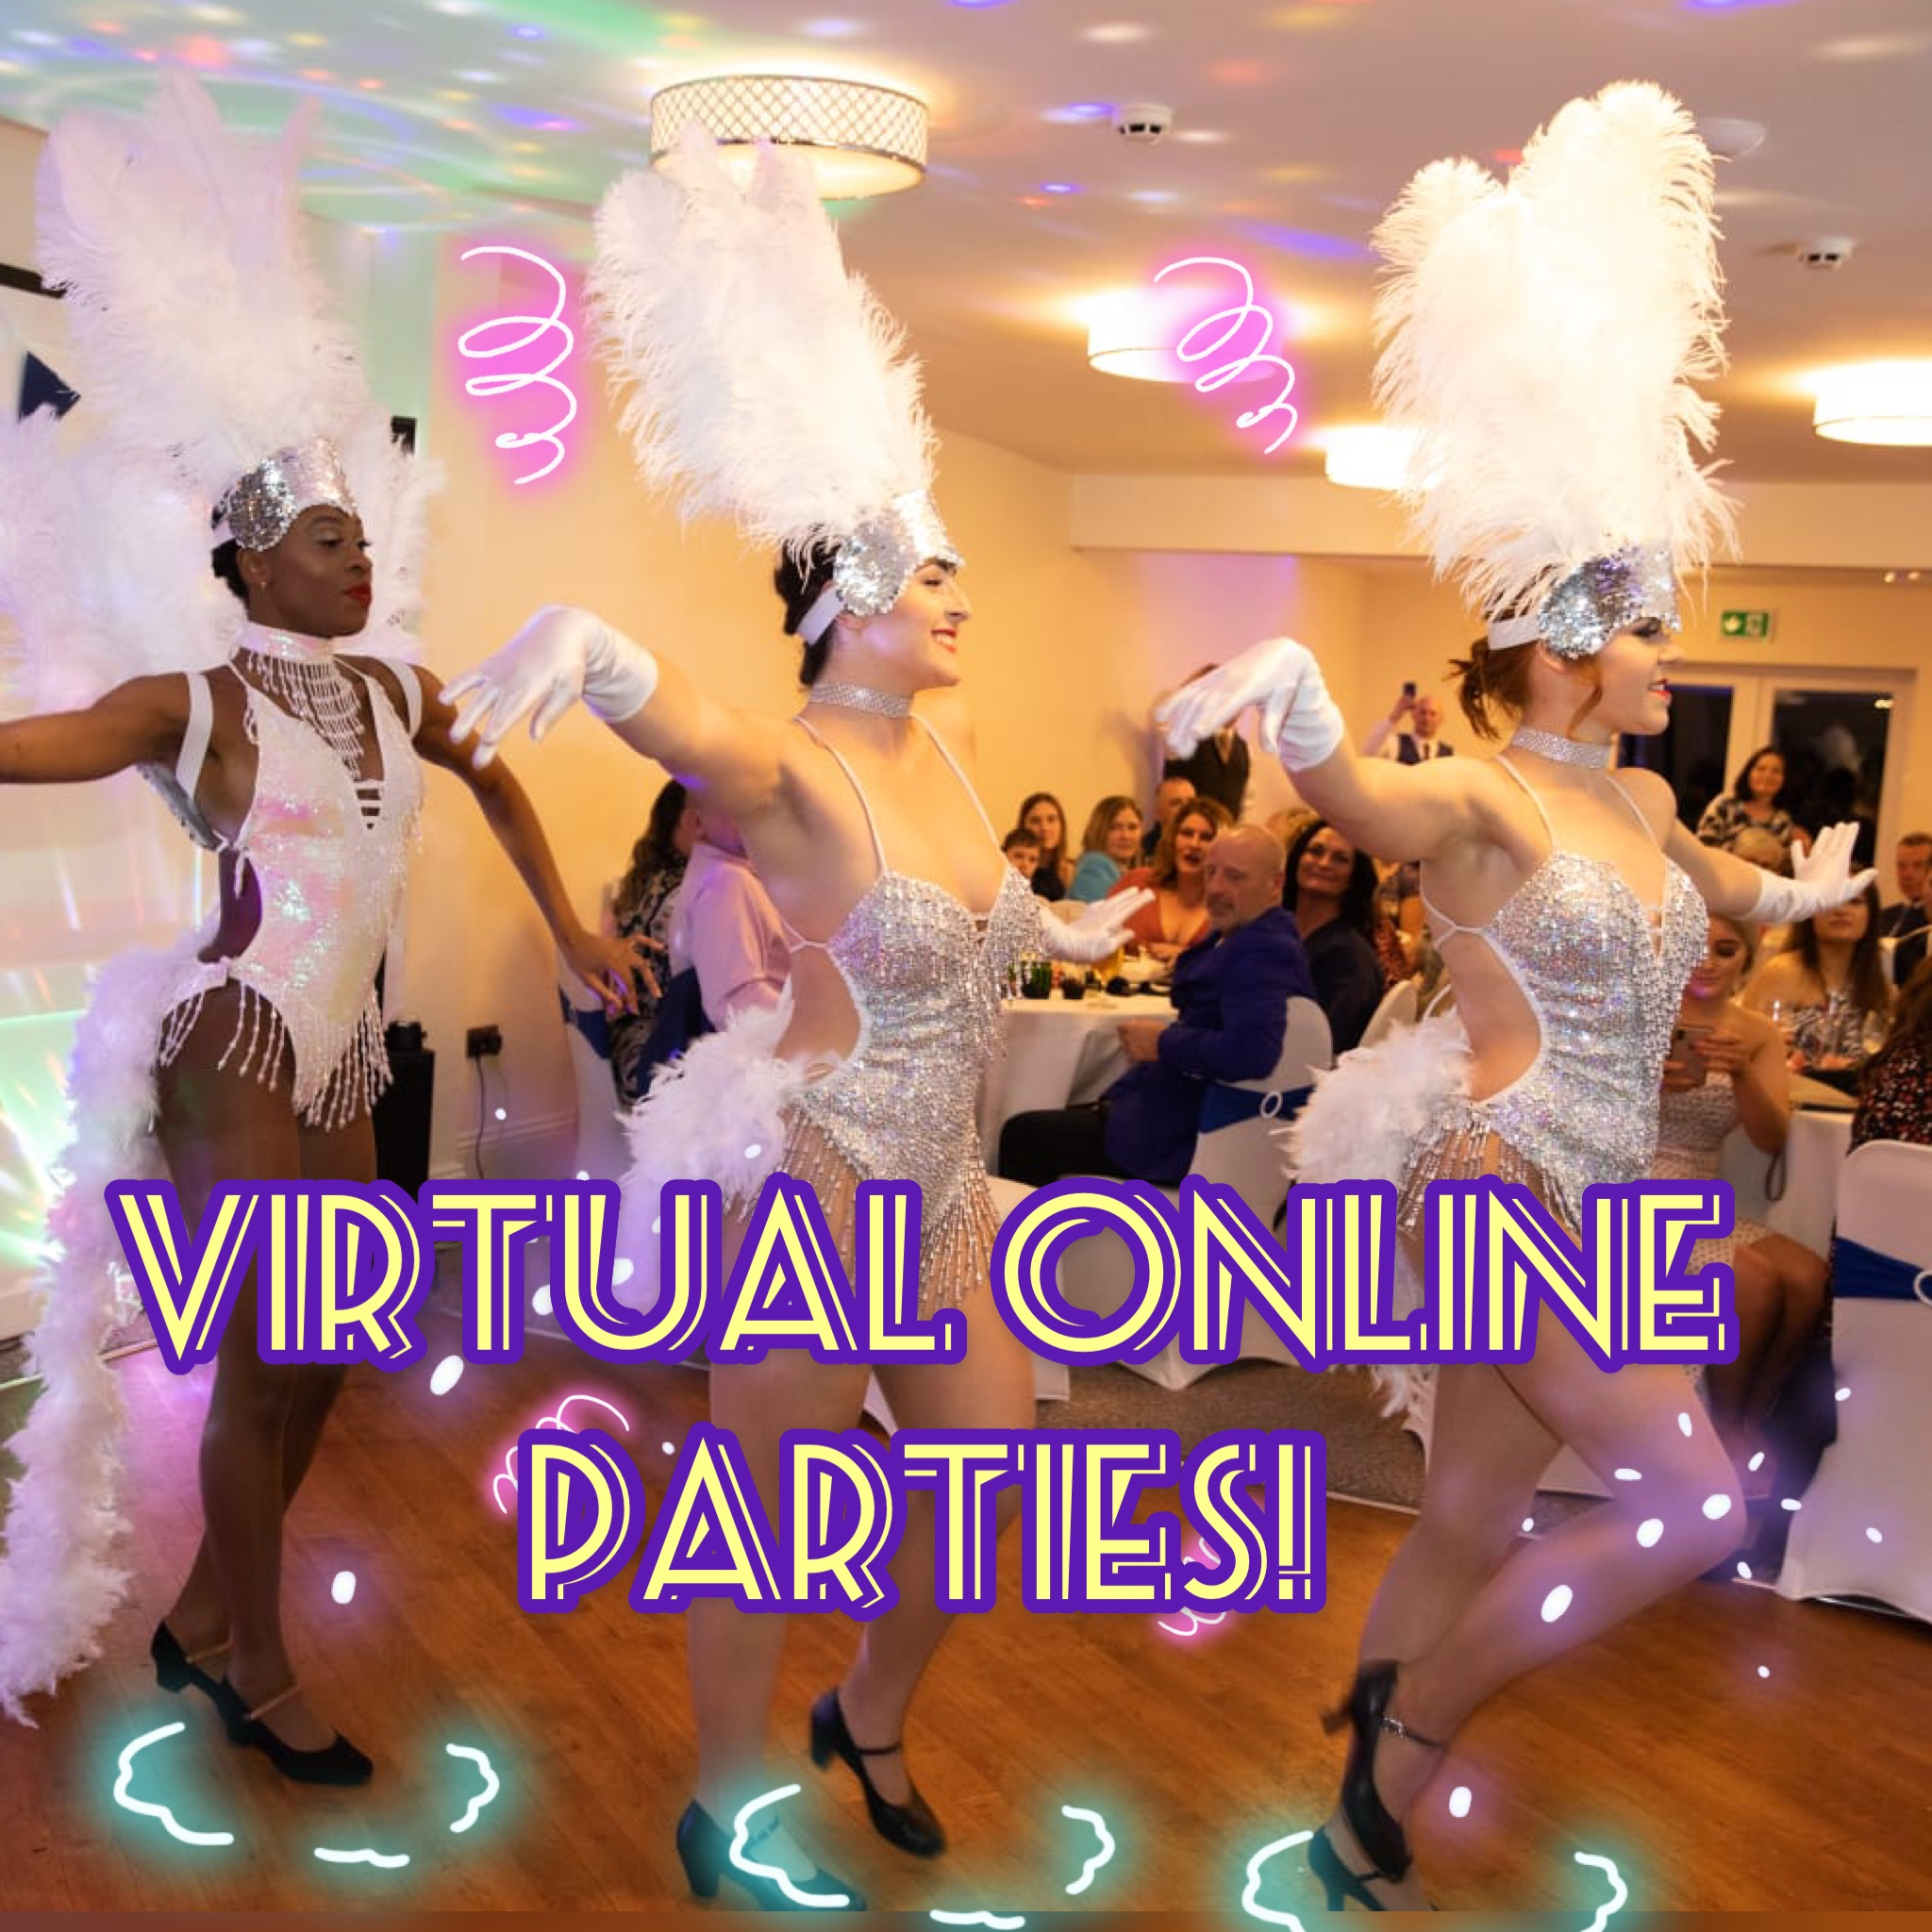 Virtual Online Dance Class